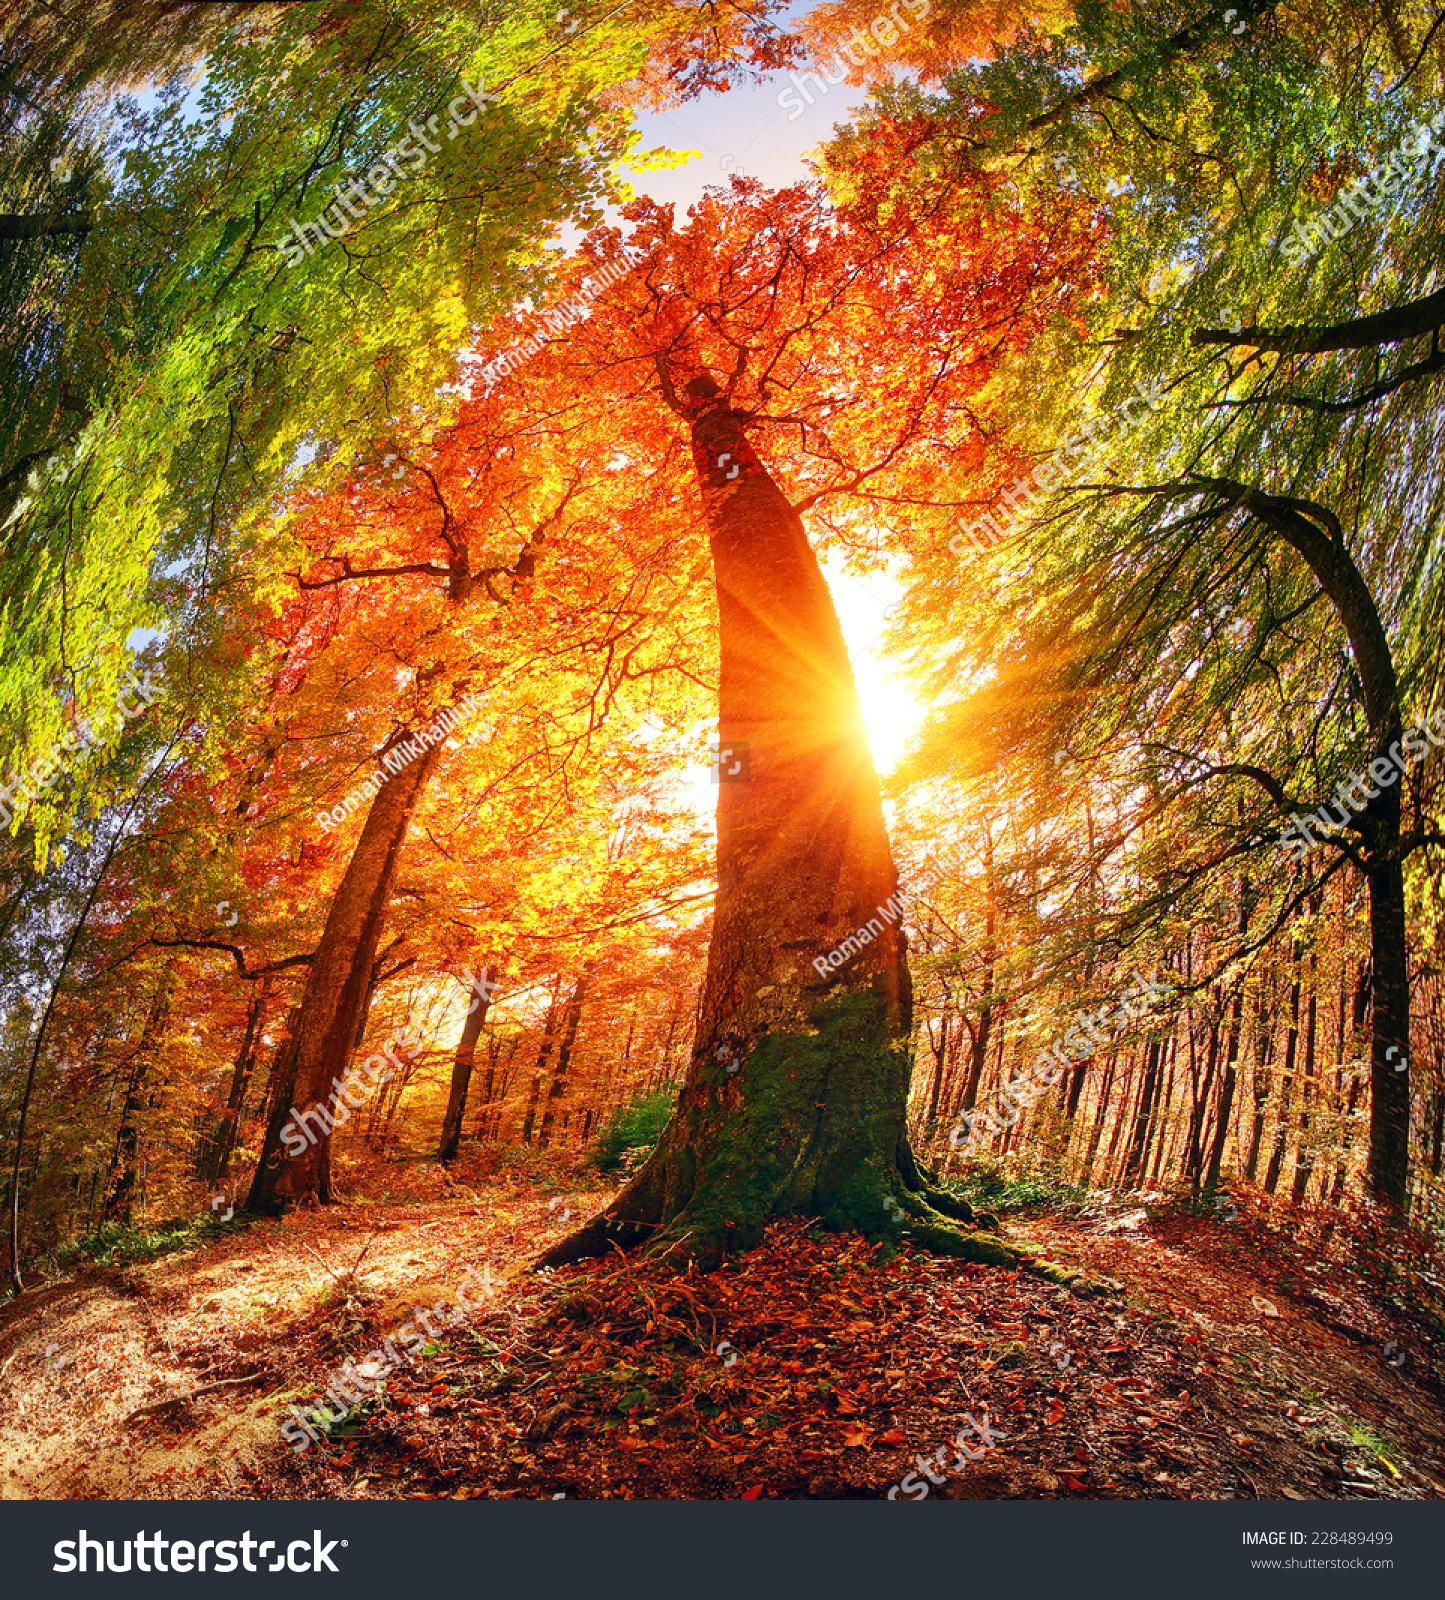 在喀尔巴阡山脉乌克兰喀尔巴阡山背景秋天山毛榉森林.图片